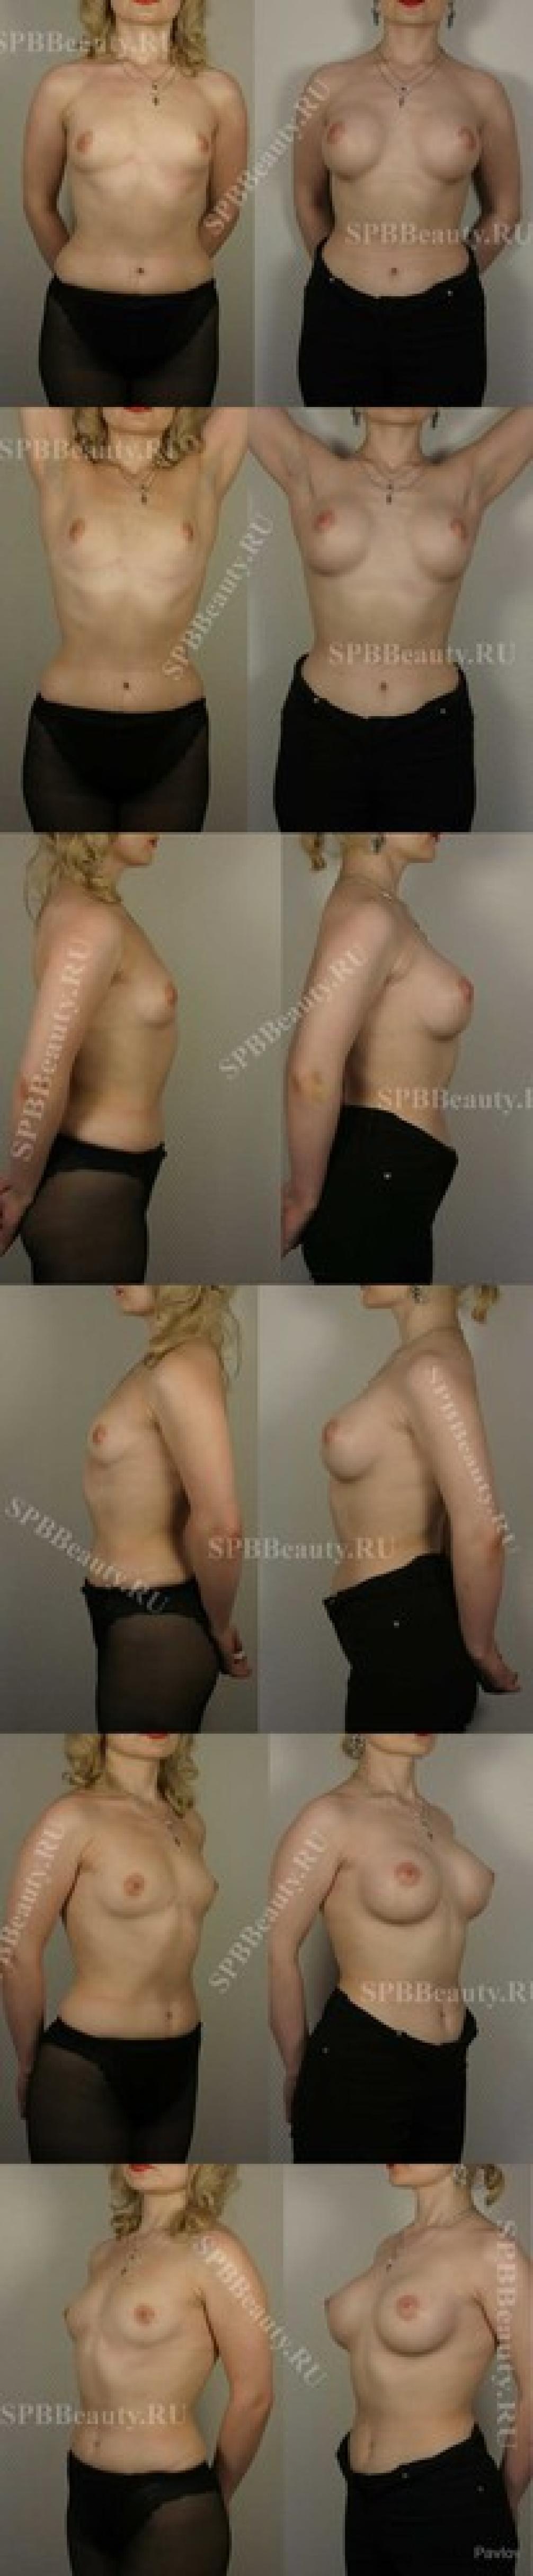 Увеличение груди кредит 2 фотография